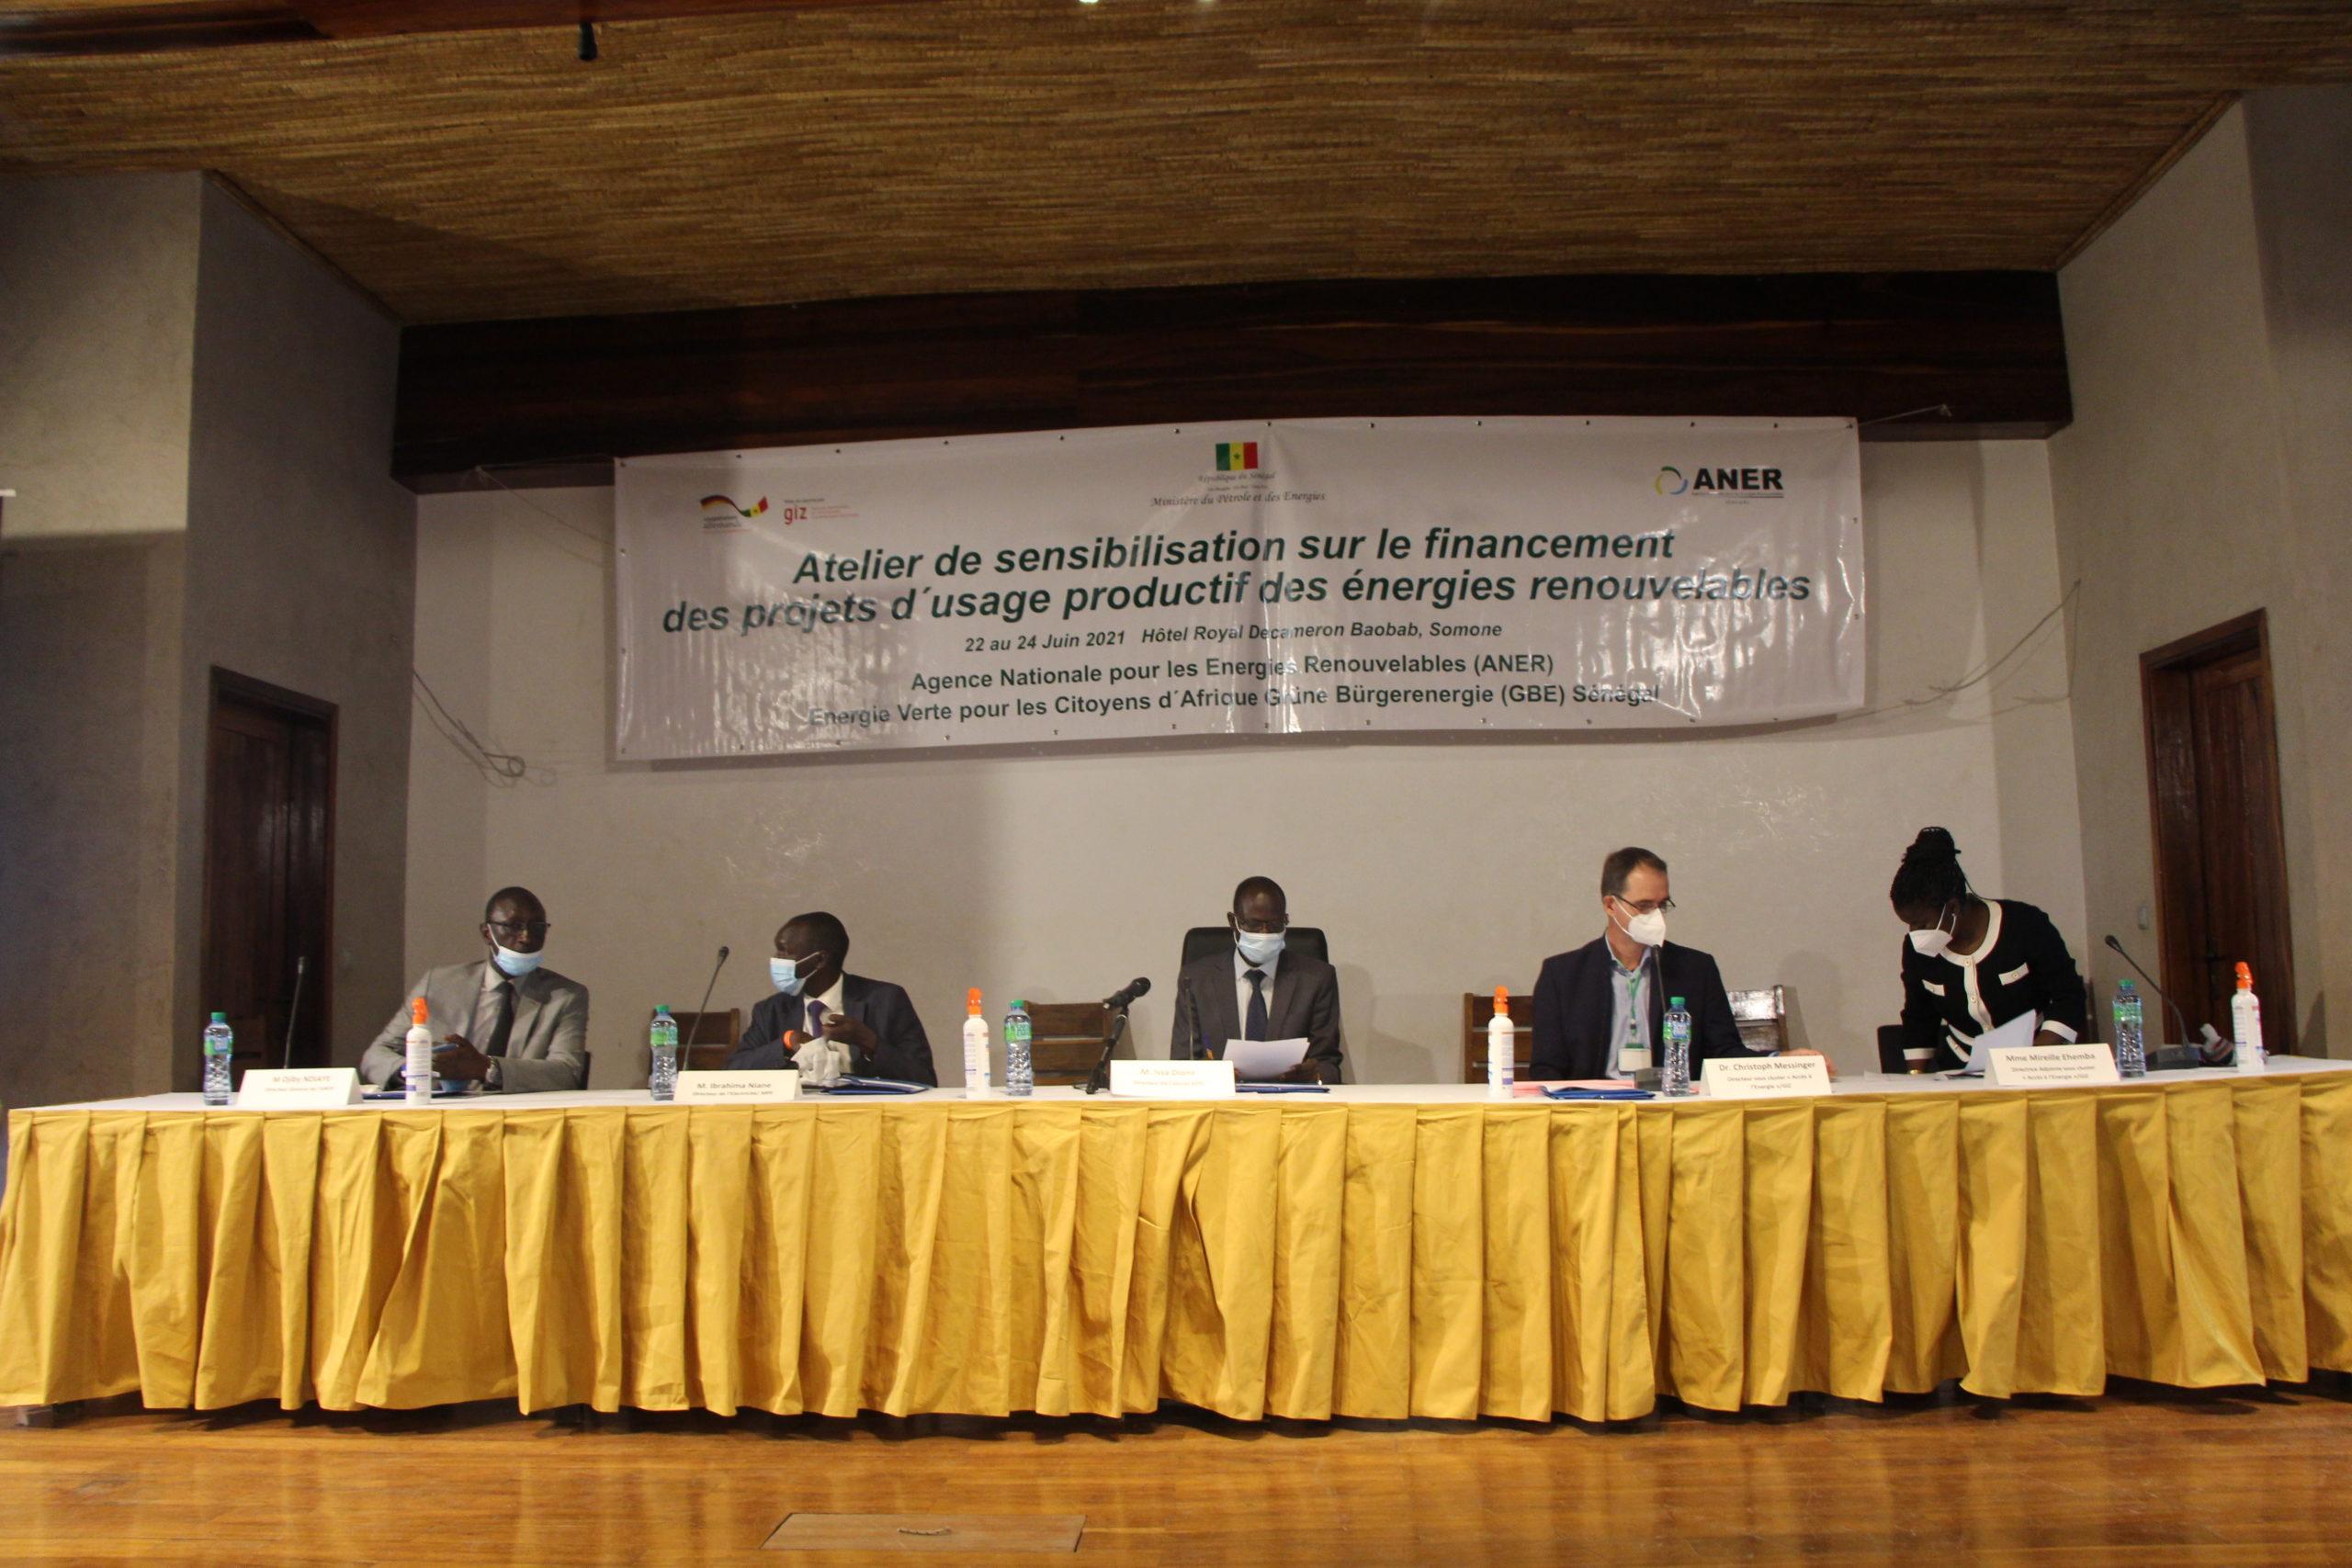 Atelier de sensibilisation des IFs et IMFs sur le financement des projets d'usage productif en énergie renouvelable.